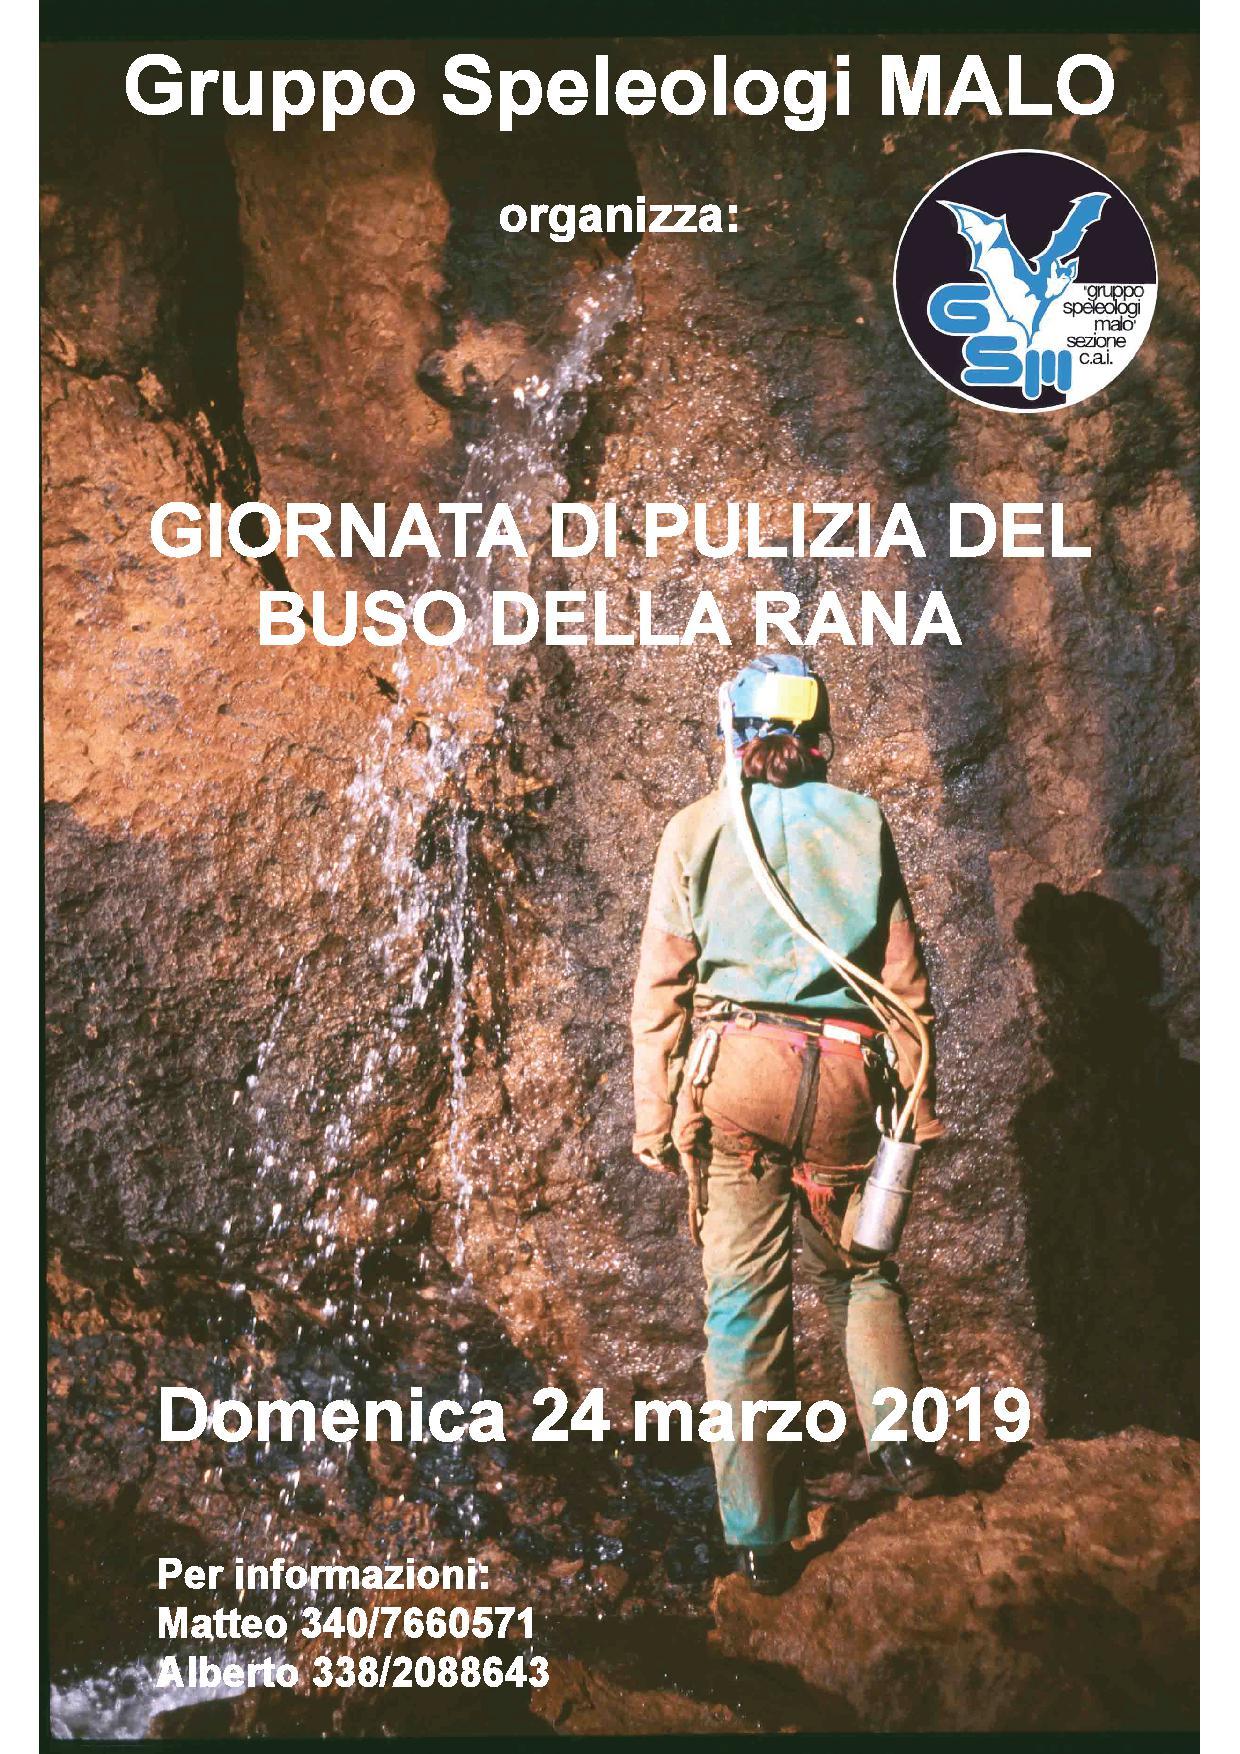 volantino-pulizia-buso-della-rana-2019